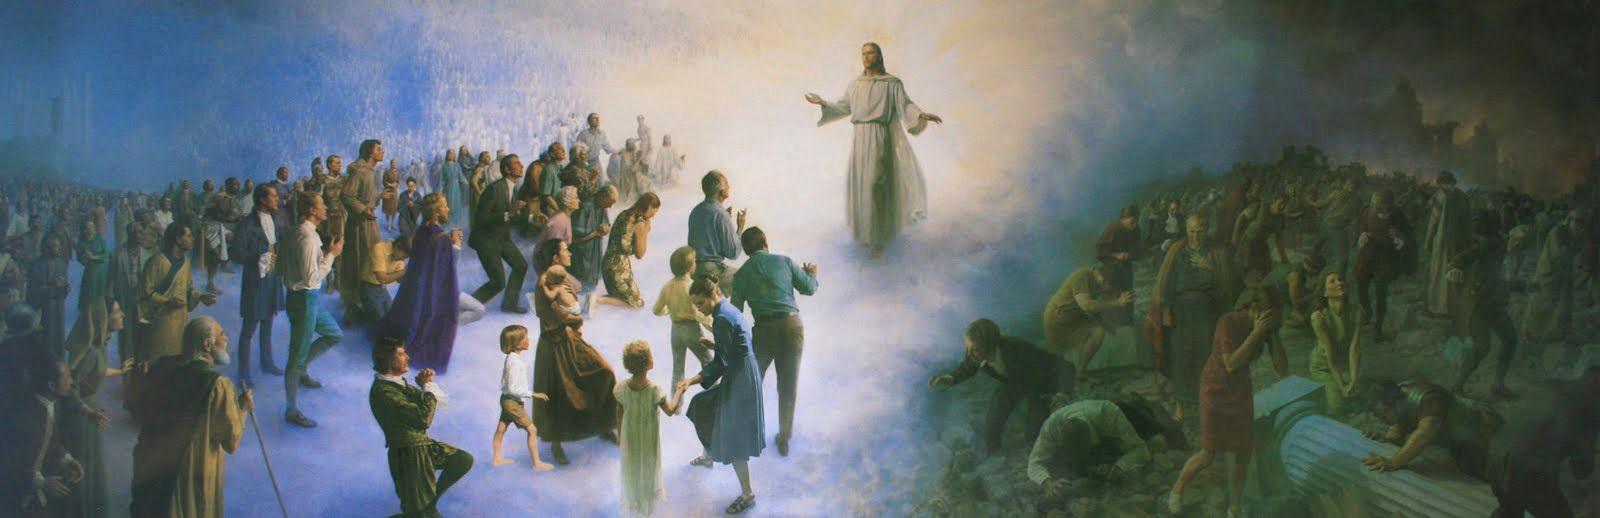 Zweites Kommen Jesu Christi